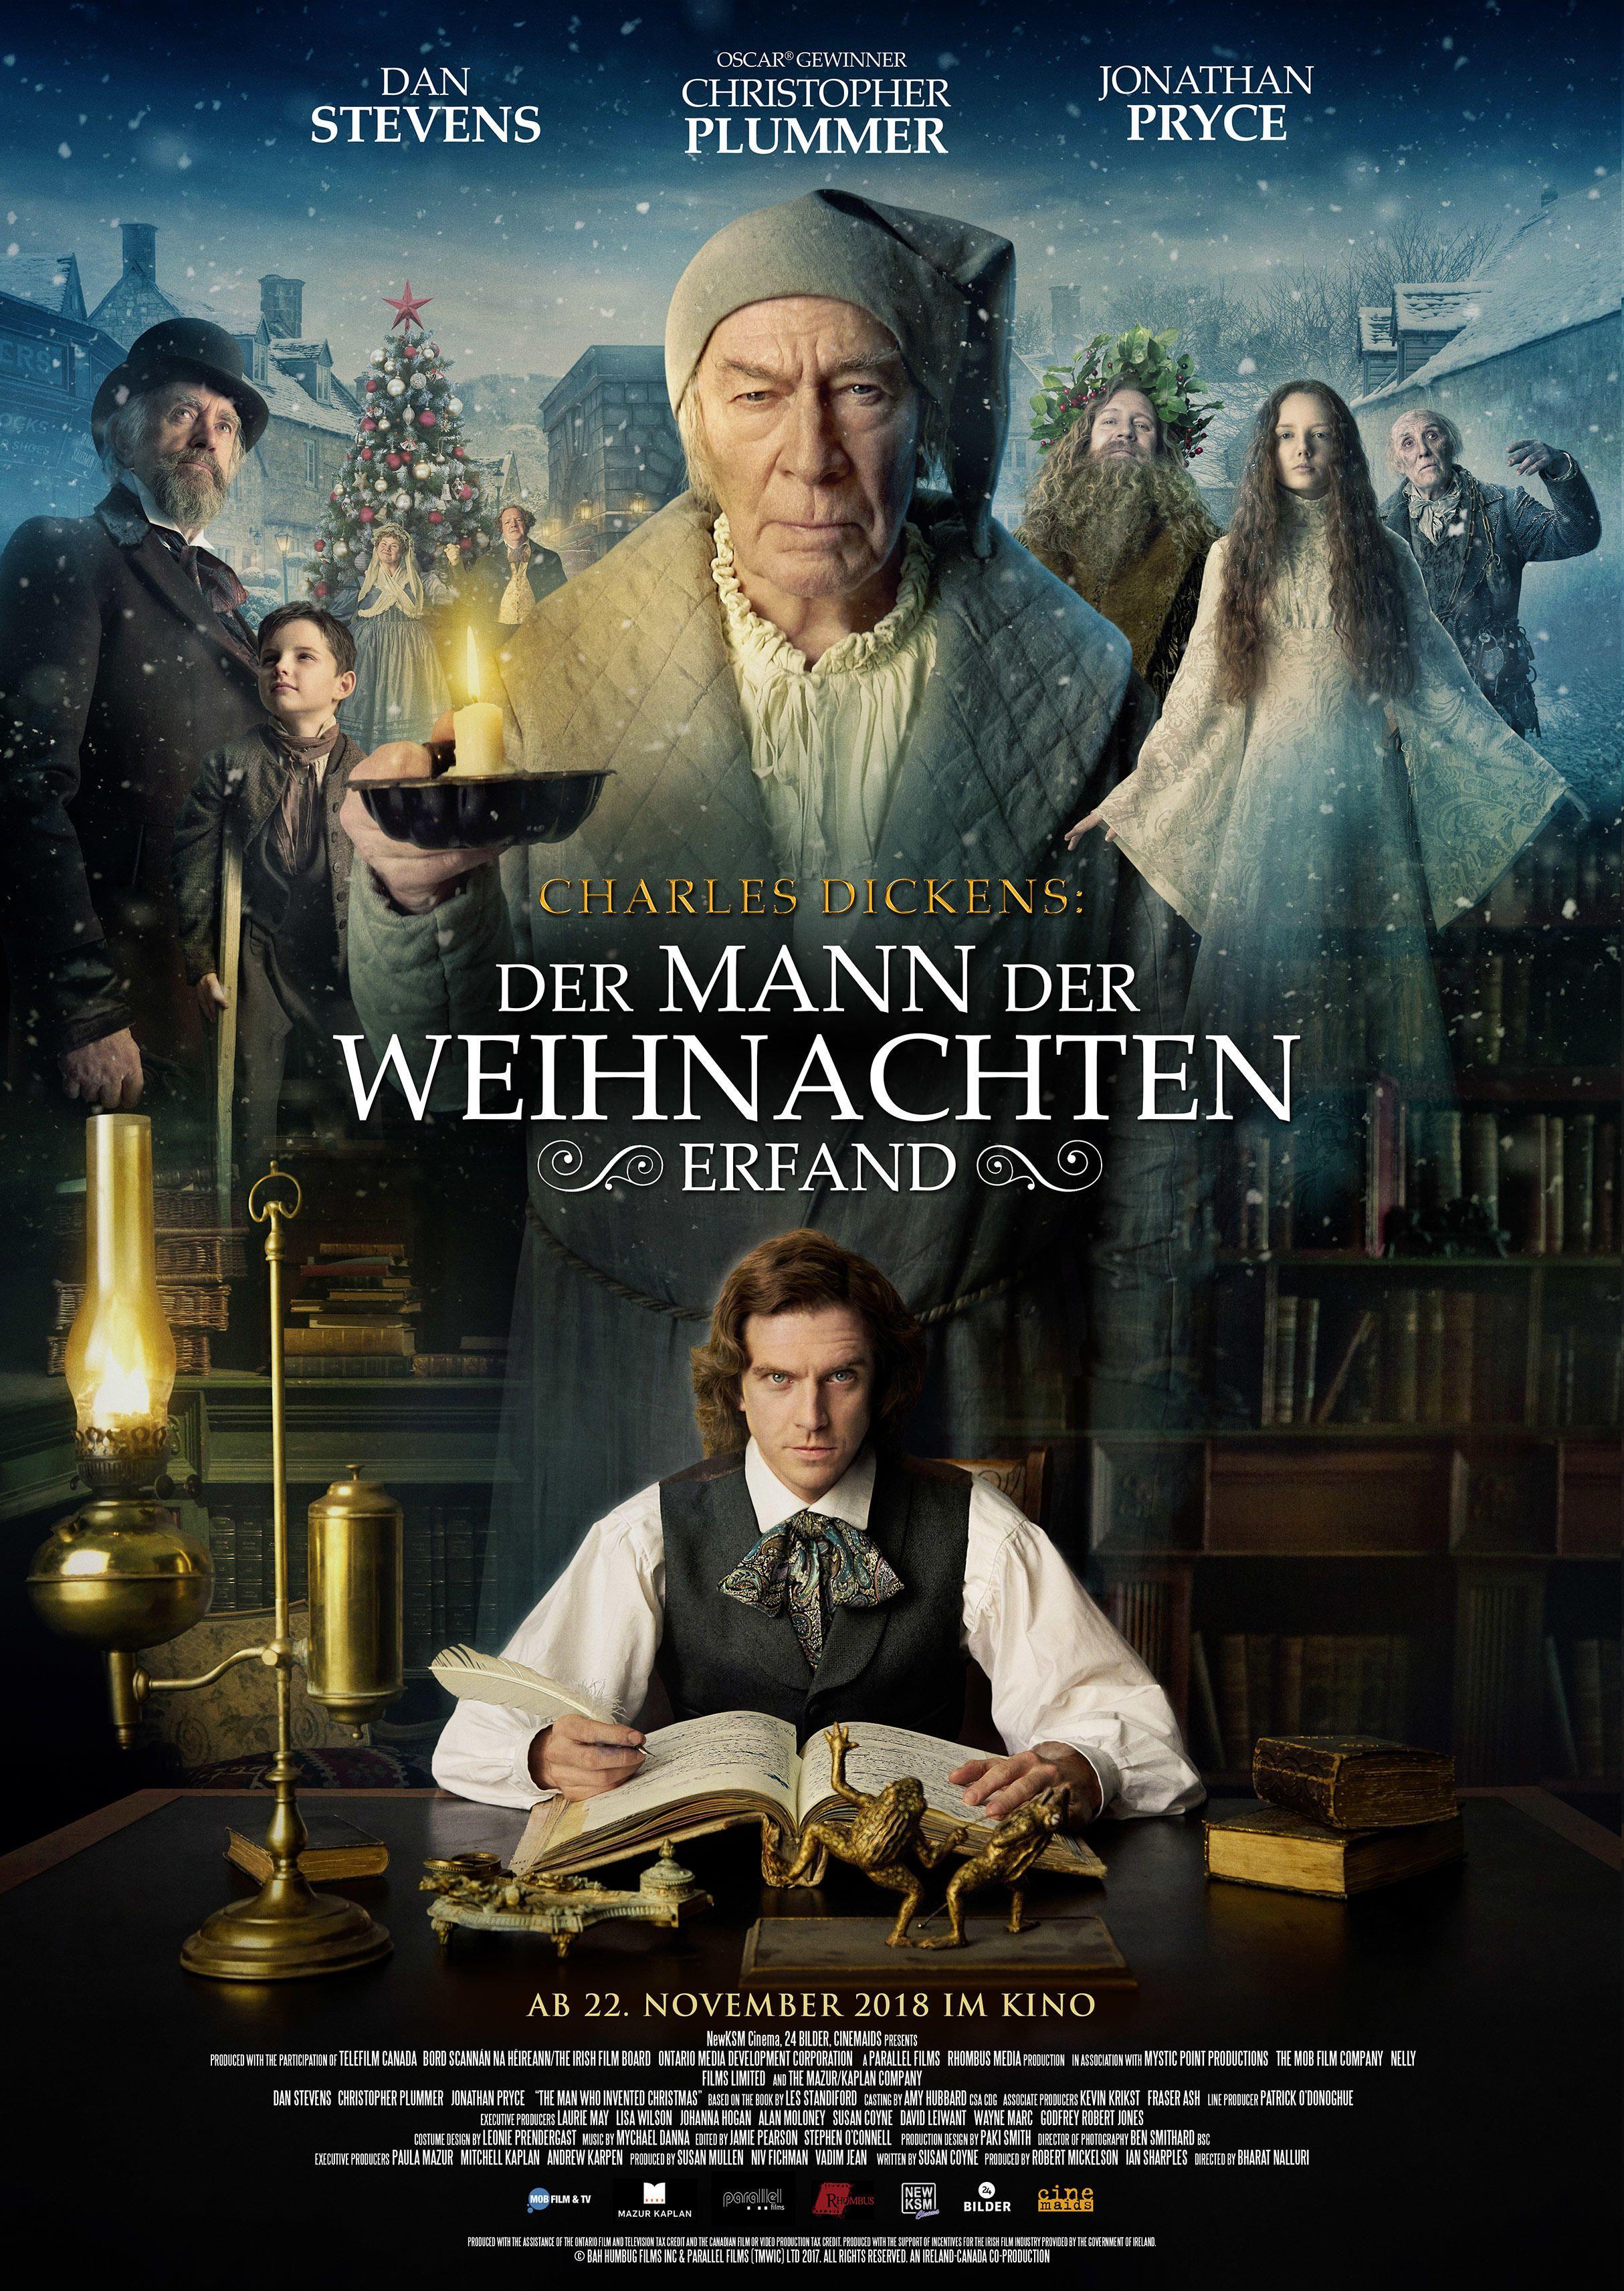 Charles Dickens Der Mann Der Weihnachten Erfand Hat Ein Deutsches Poster Weihnachten Film Weihnachtsfilme Ganze Filme